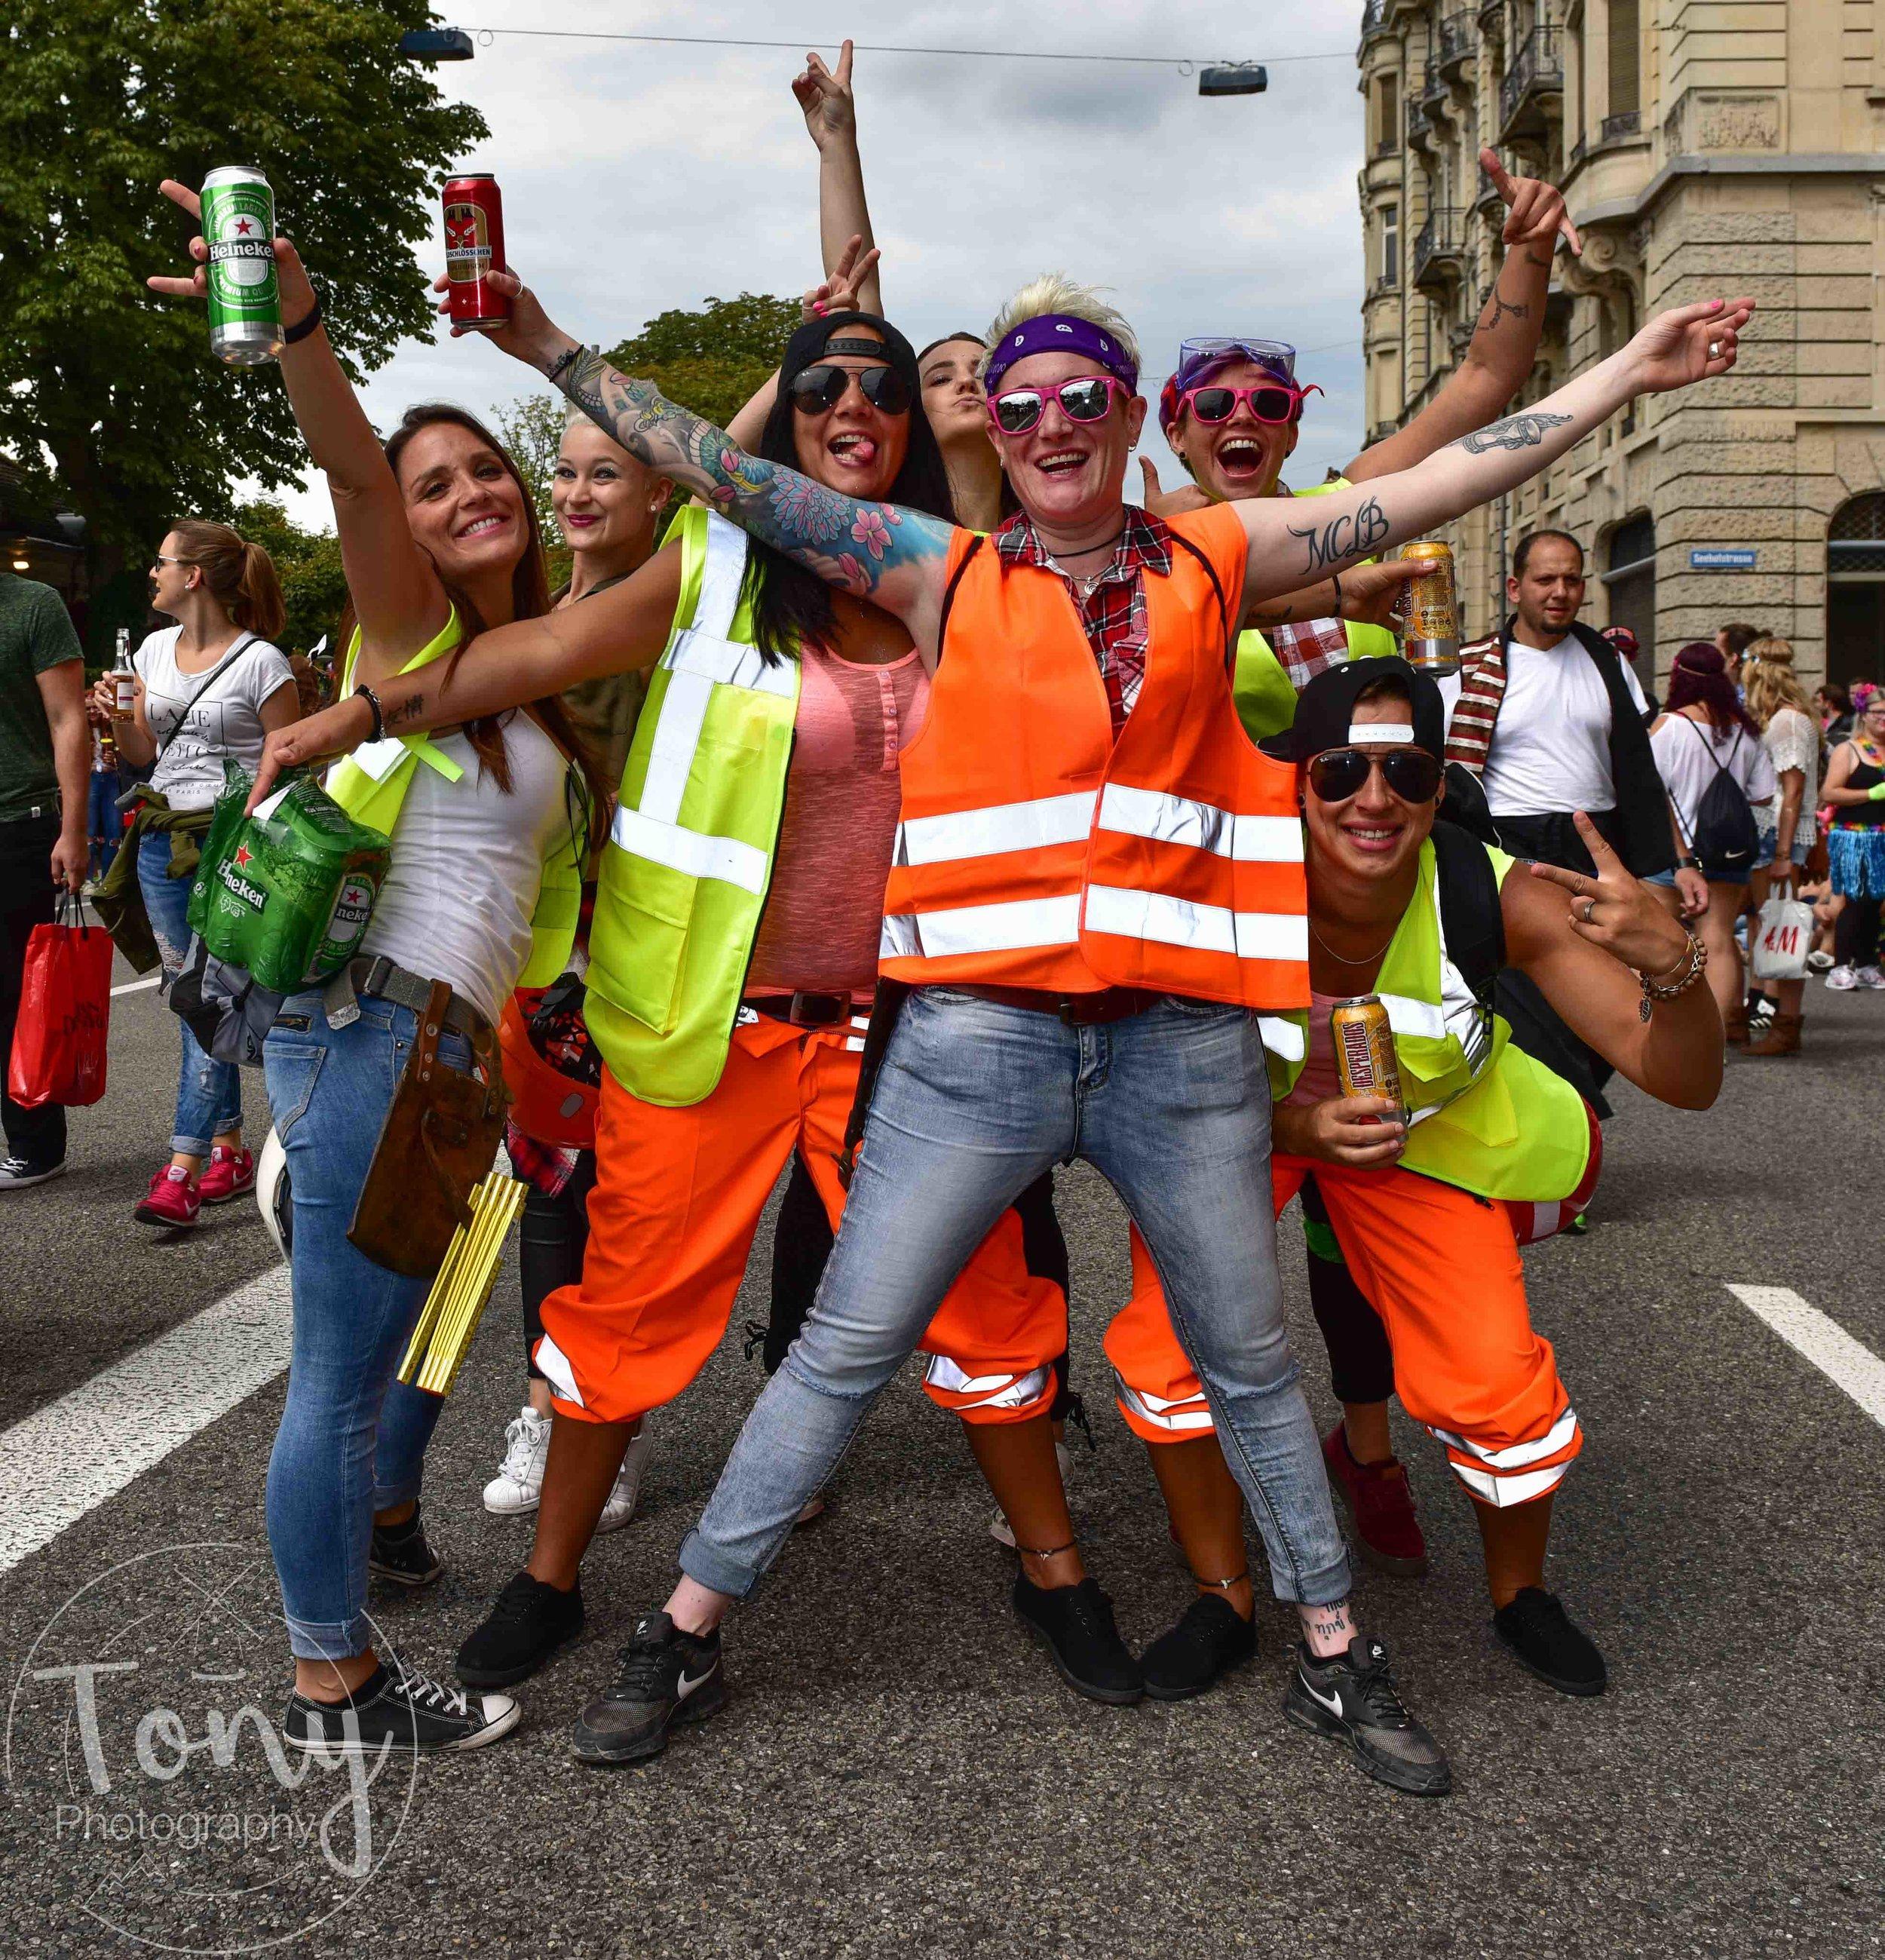 streetparade-53.jpg